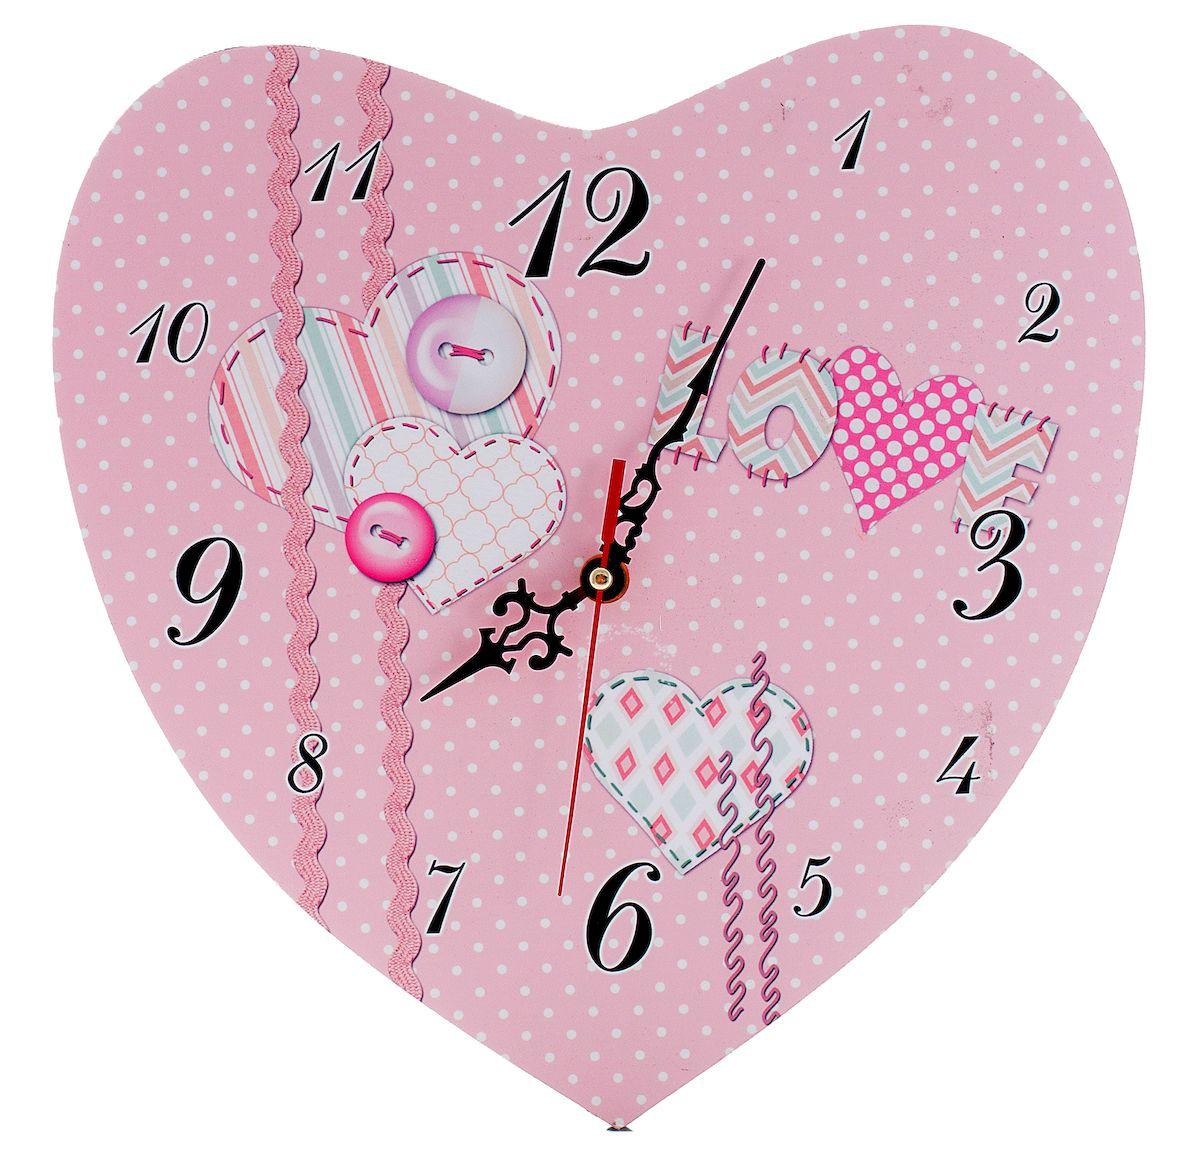 Часы настенные Русские Подарки Сердце, диаметр 30 см. 3824238242Настенные кварцевые часы Русские Подарки Сердце изготовлены из МДФ. Корпус оригинально оформлен в виде сердечка. Часы имеют три стрелки - часовую, минутную и секундную. С обратной стороны имеется петелька для подвешивания на стену. Такие часы красиво и необычно оформят интерьер дома или офиса. Также часы могут стать уникальным, полезным подарком для родственников, коллег, знакомых и близких. Часы работают от батареек типа АА (в комплект не входят).